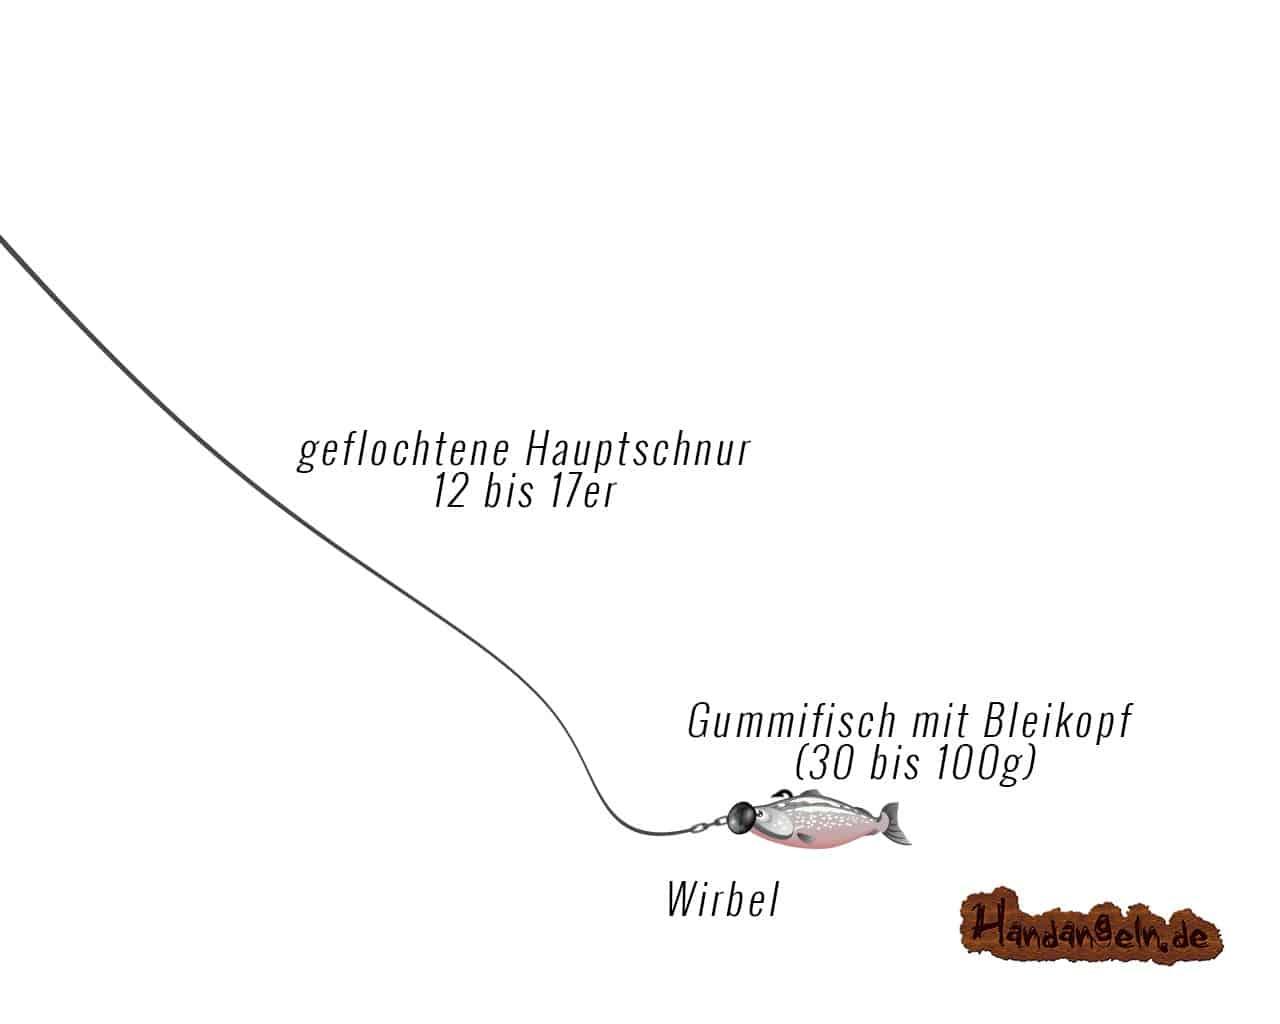 Dorschangeln Dorschmontage Gummifisch Jigmontage für Dorsch